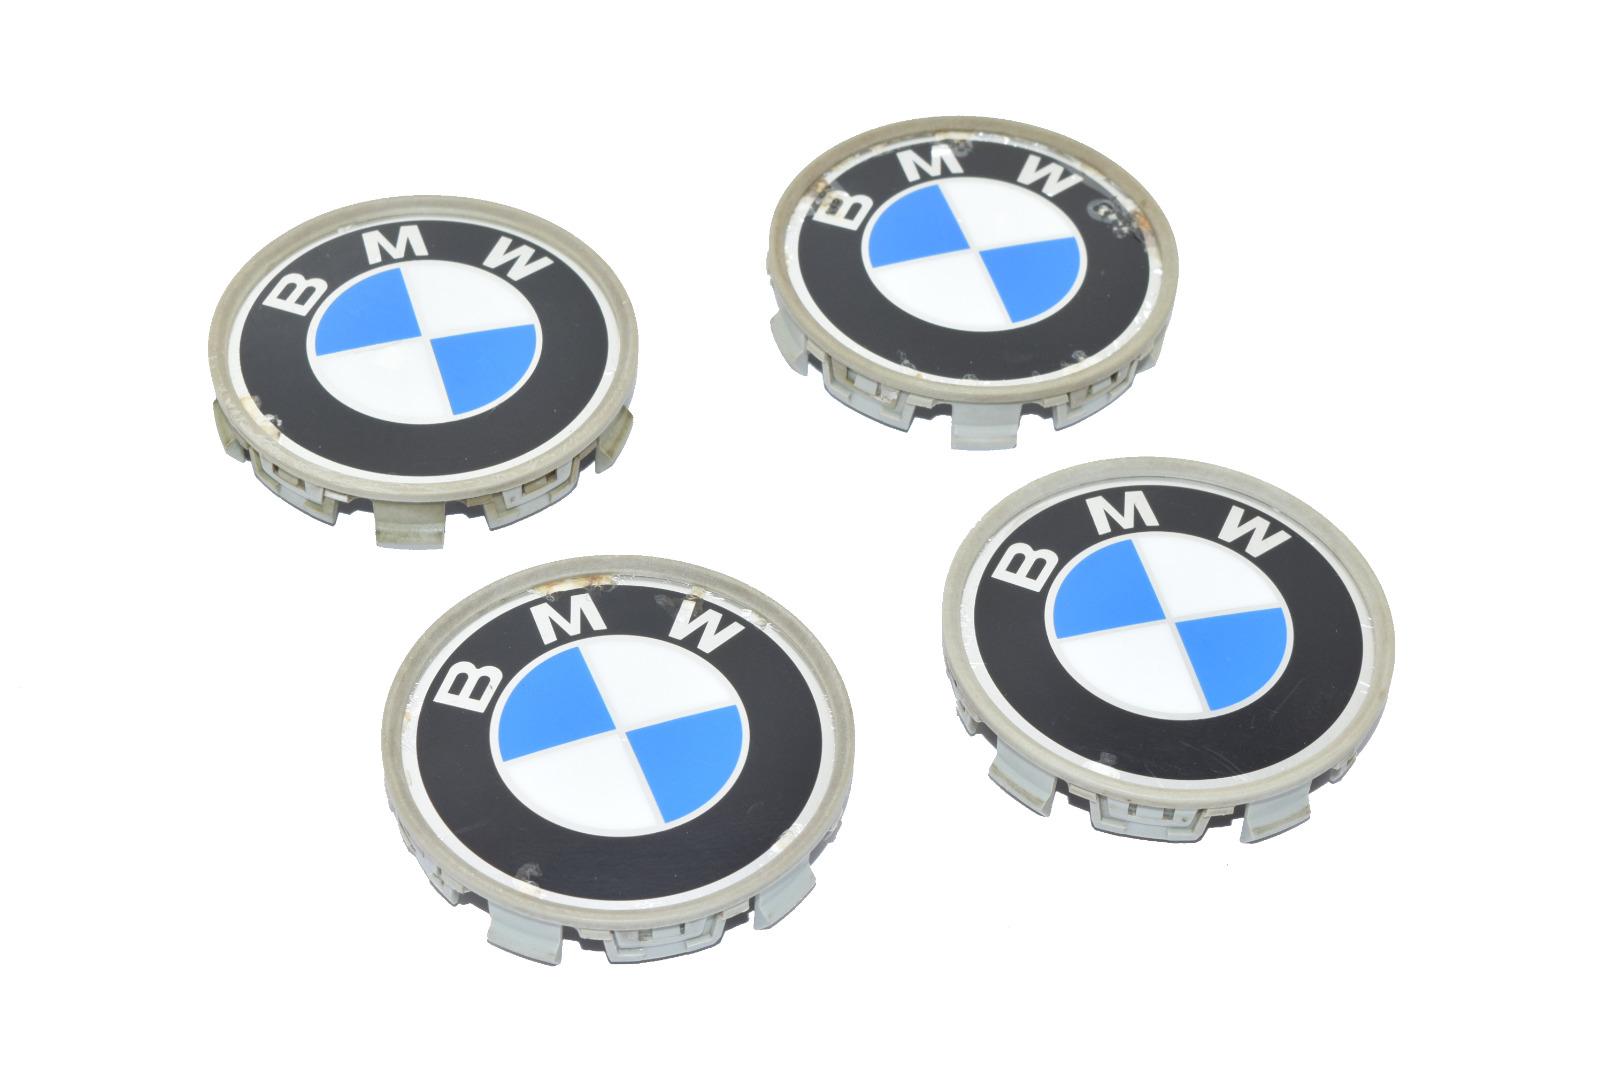 RUOTA in LEGA BMW 68mm centro tappi /& M Sport Adesivo Emblemi LIBERO PORTACHIAVI